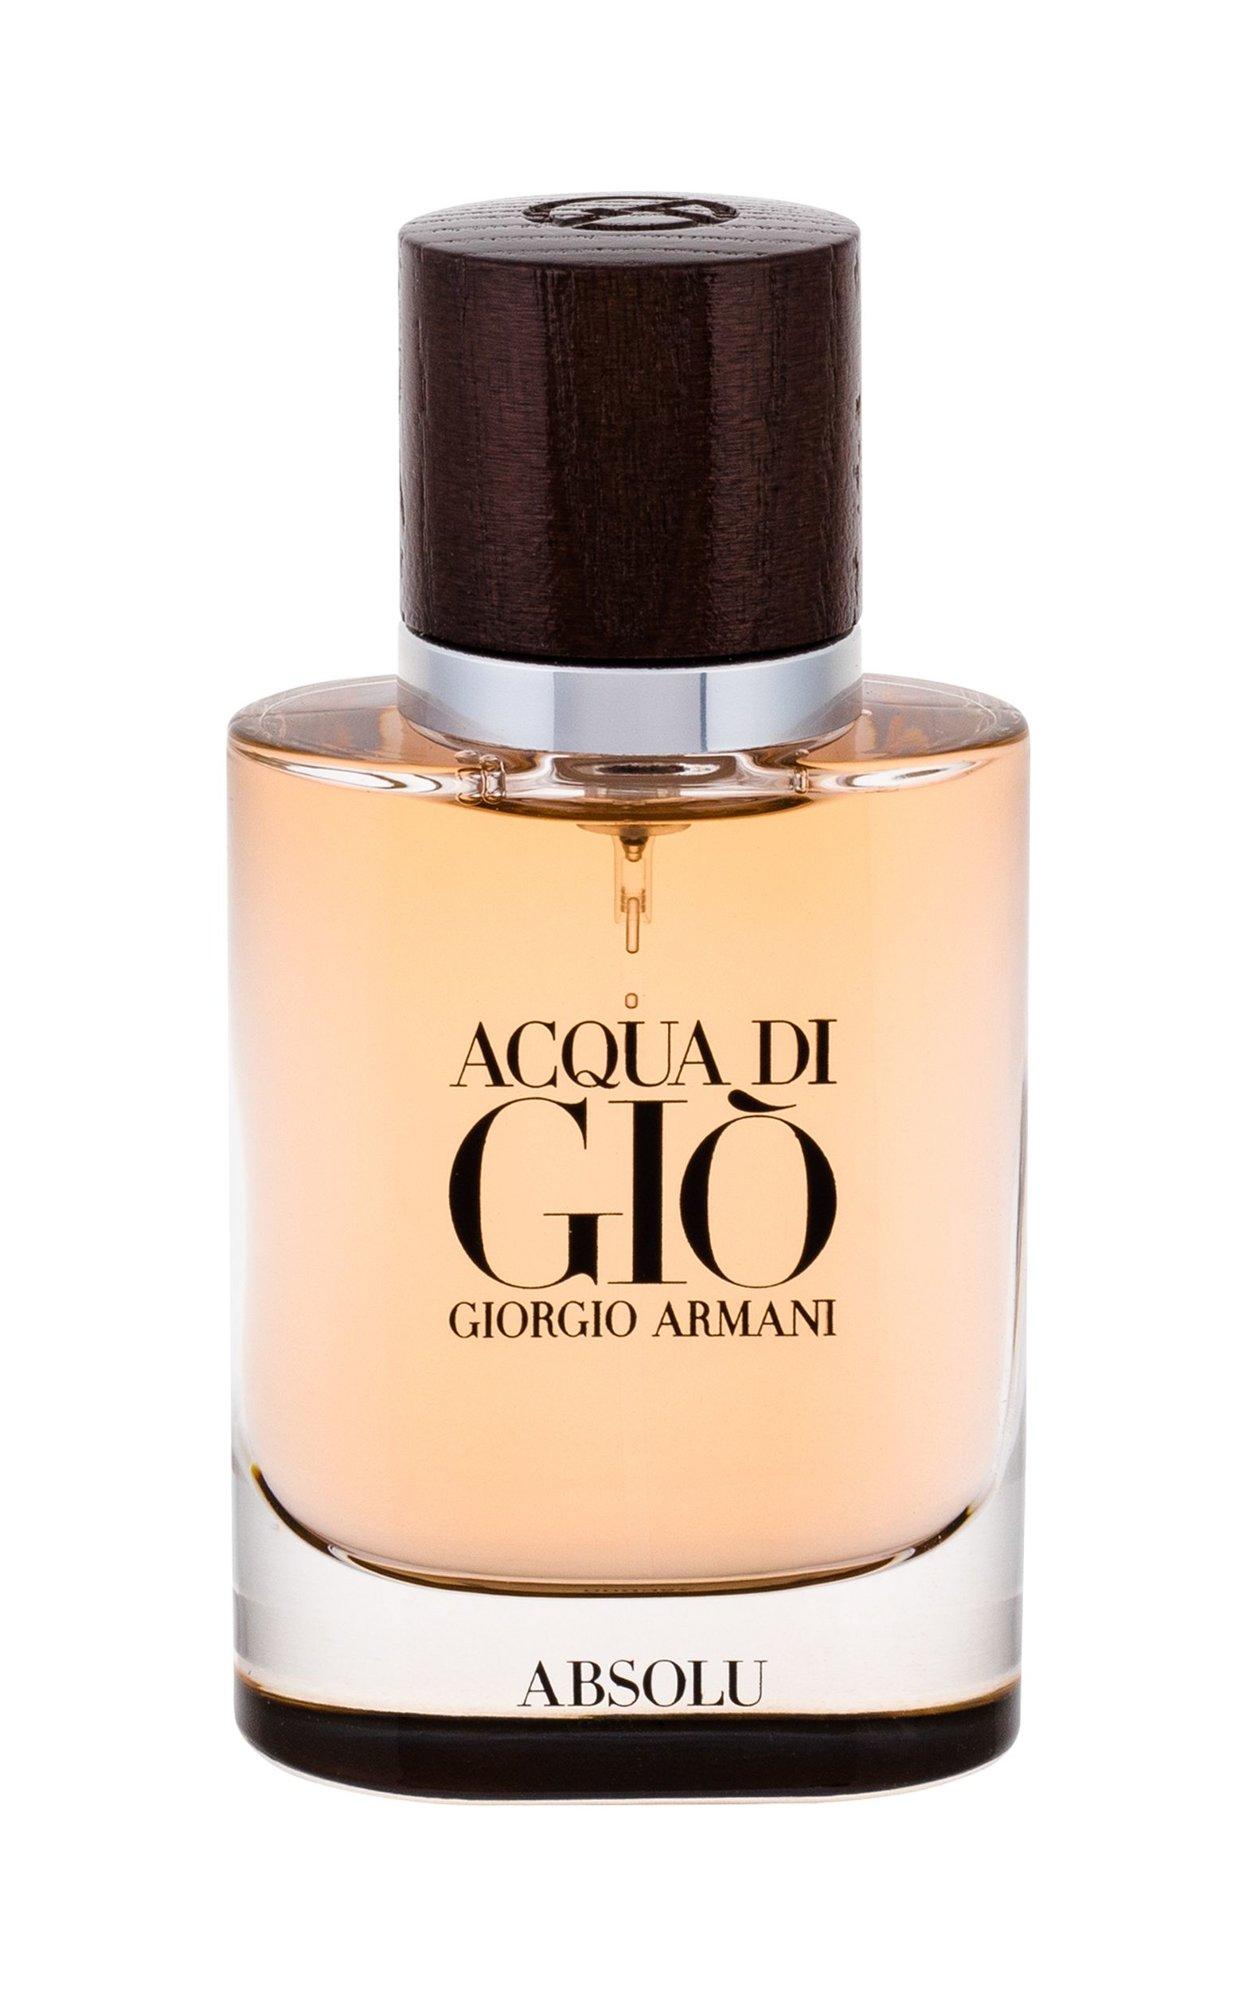 Giorgio Armani Acqua di Gio Eau de Parfum 40ml